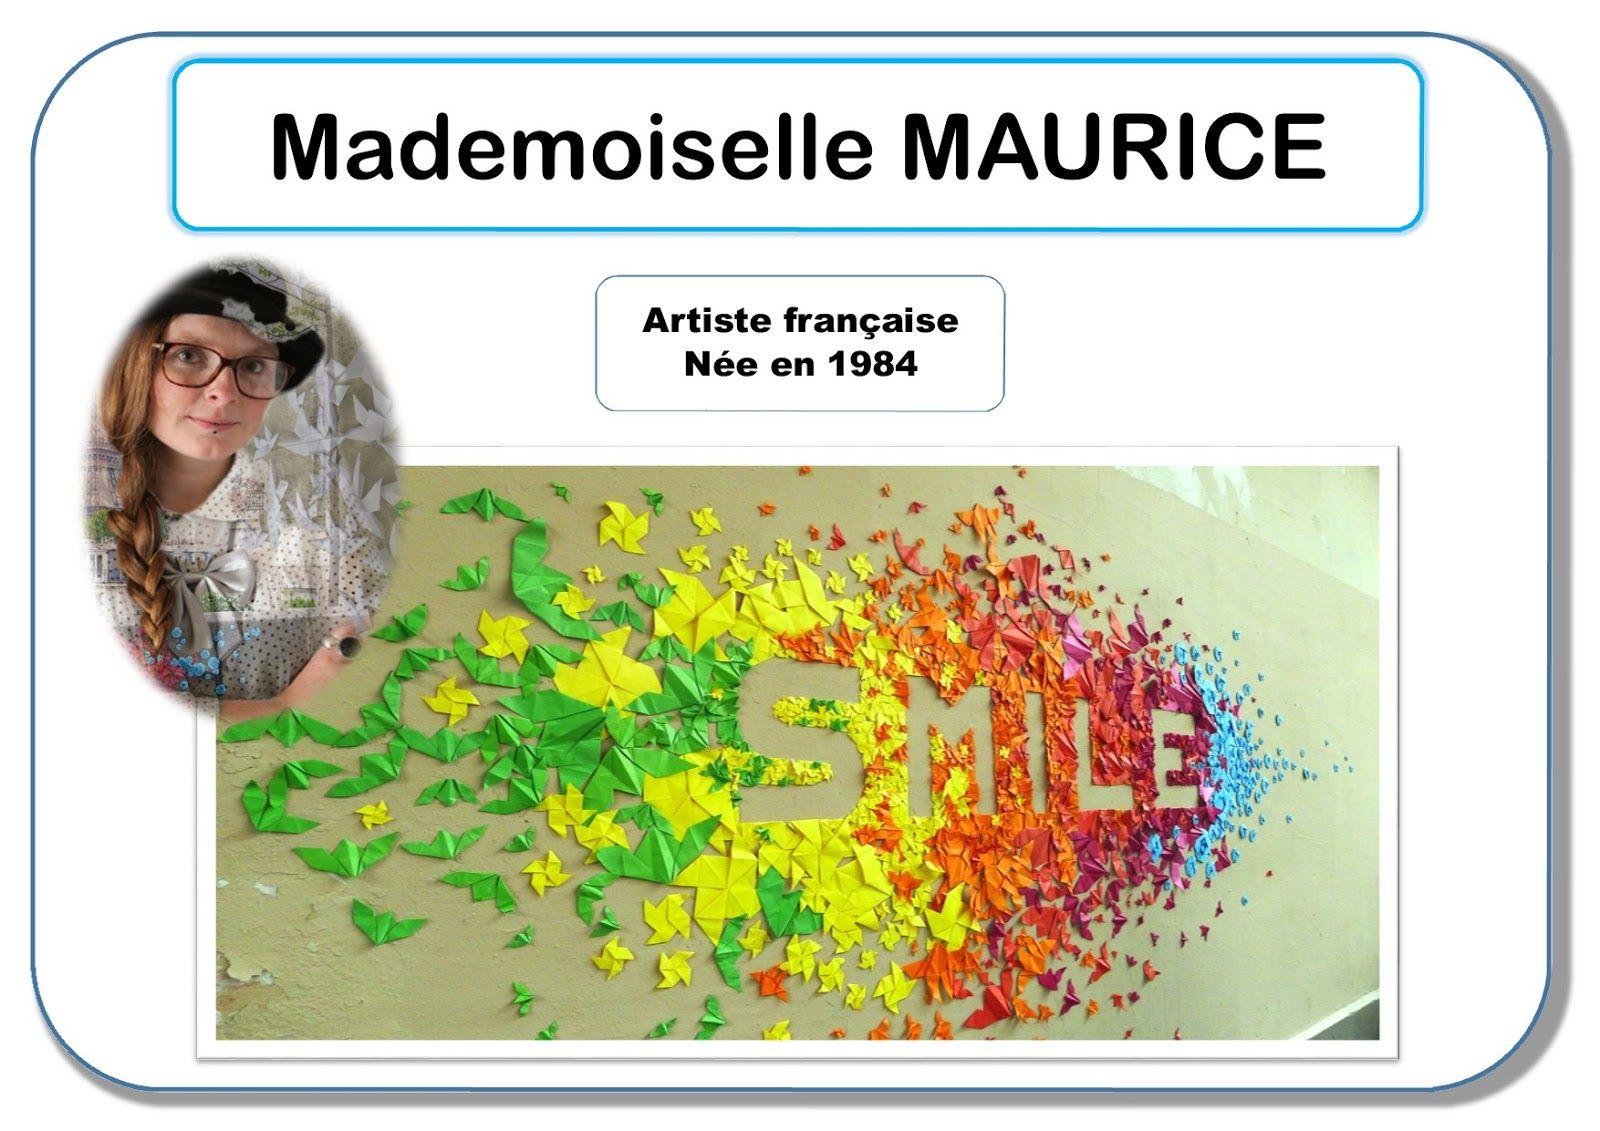 Mademoiselle Maurice